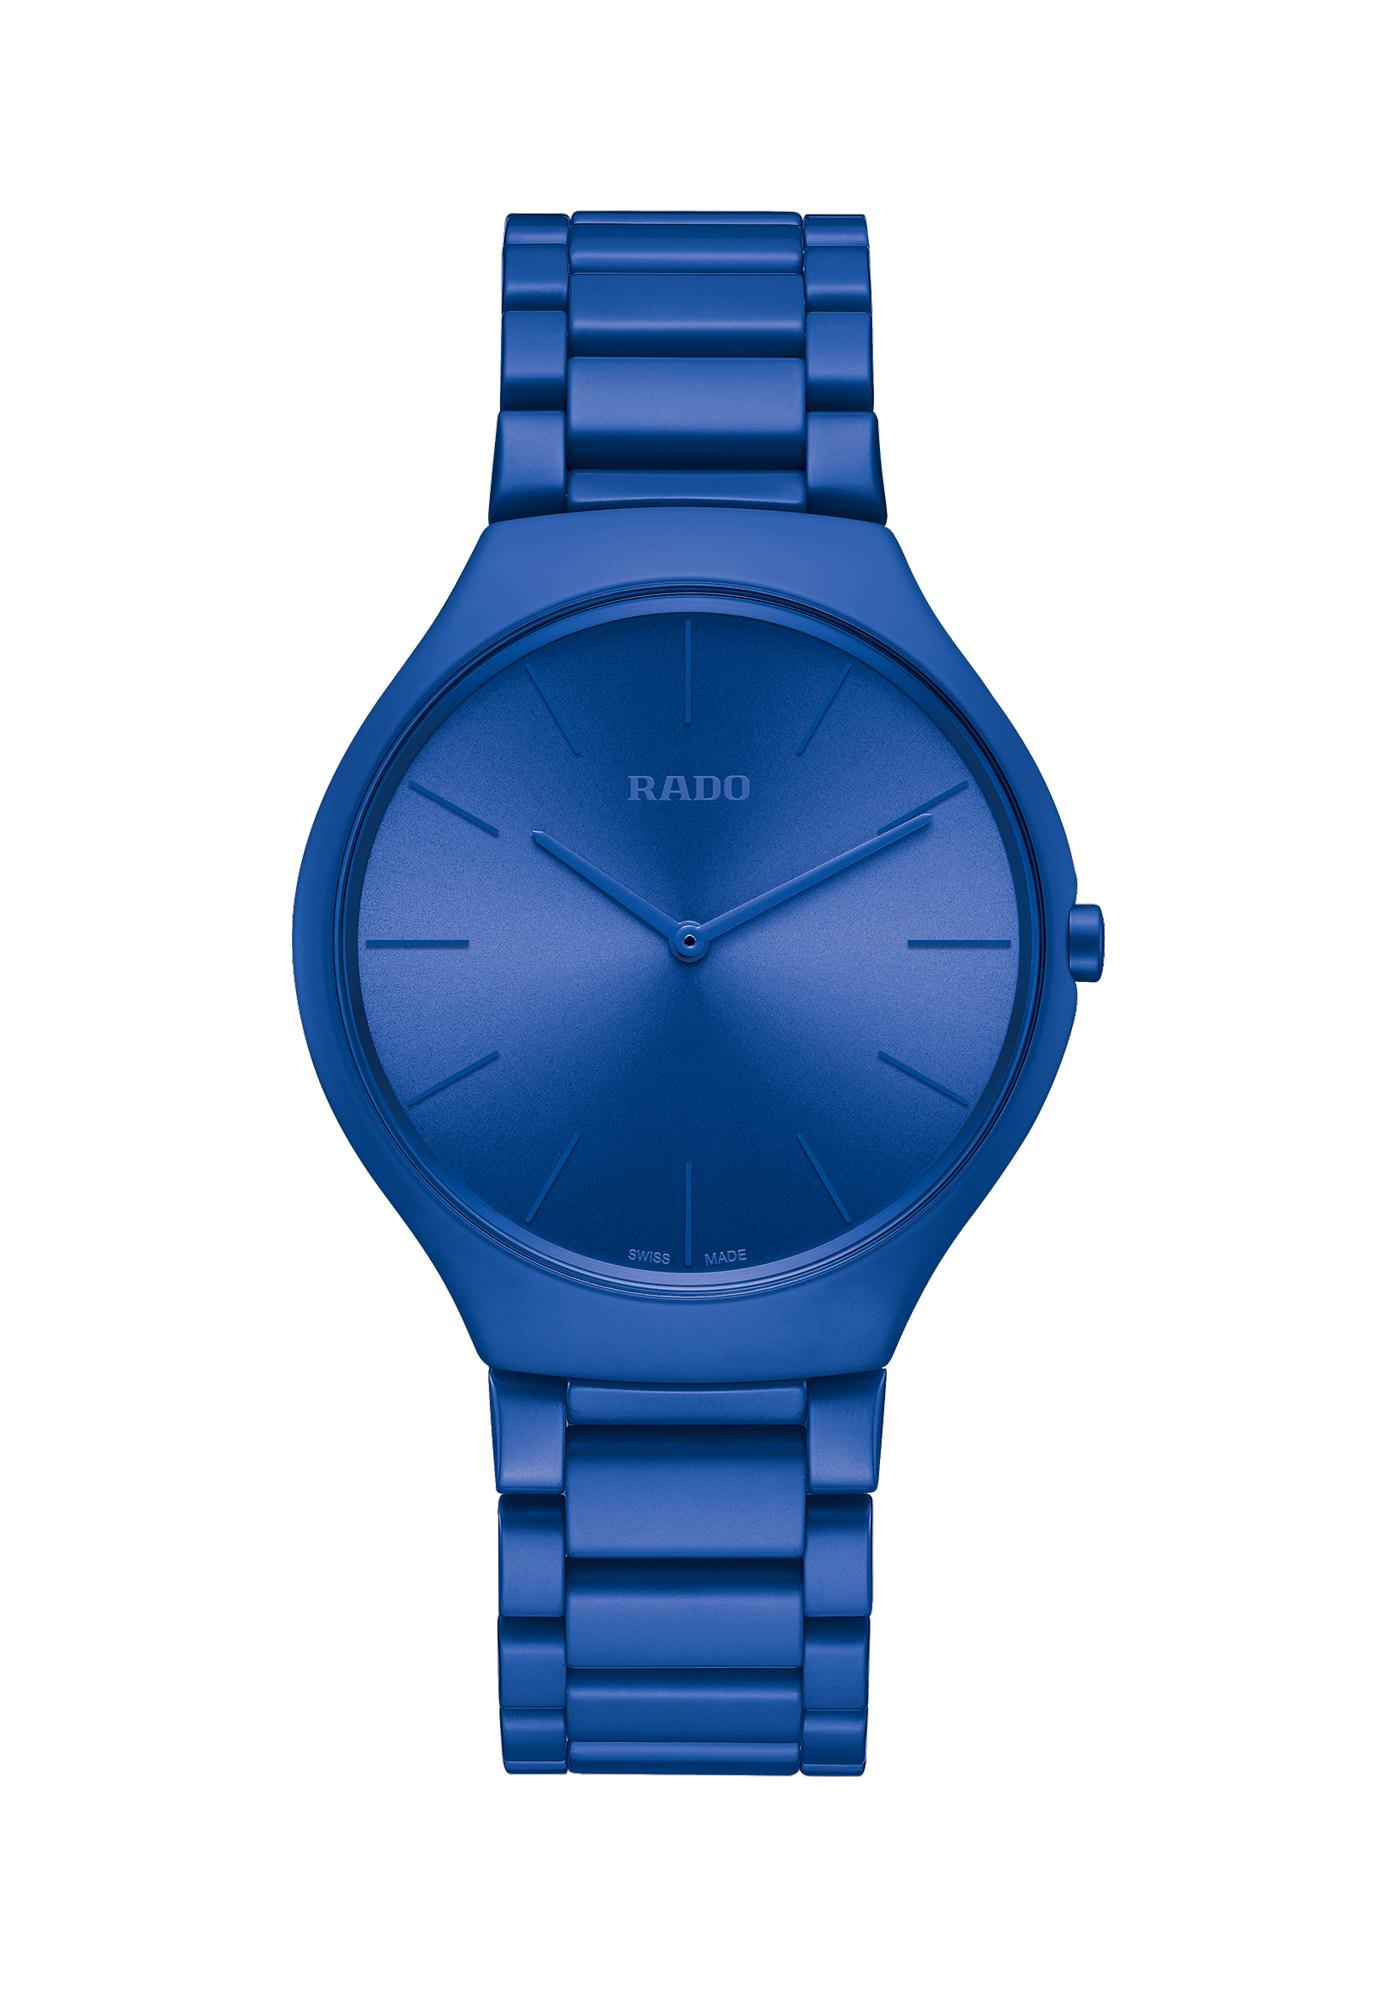 Rado Montres True Thinline Les Couleurs Le Corbusier Spectacular Ultramarine 4320k